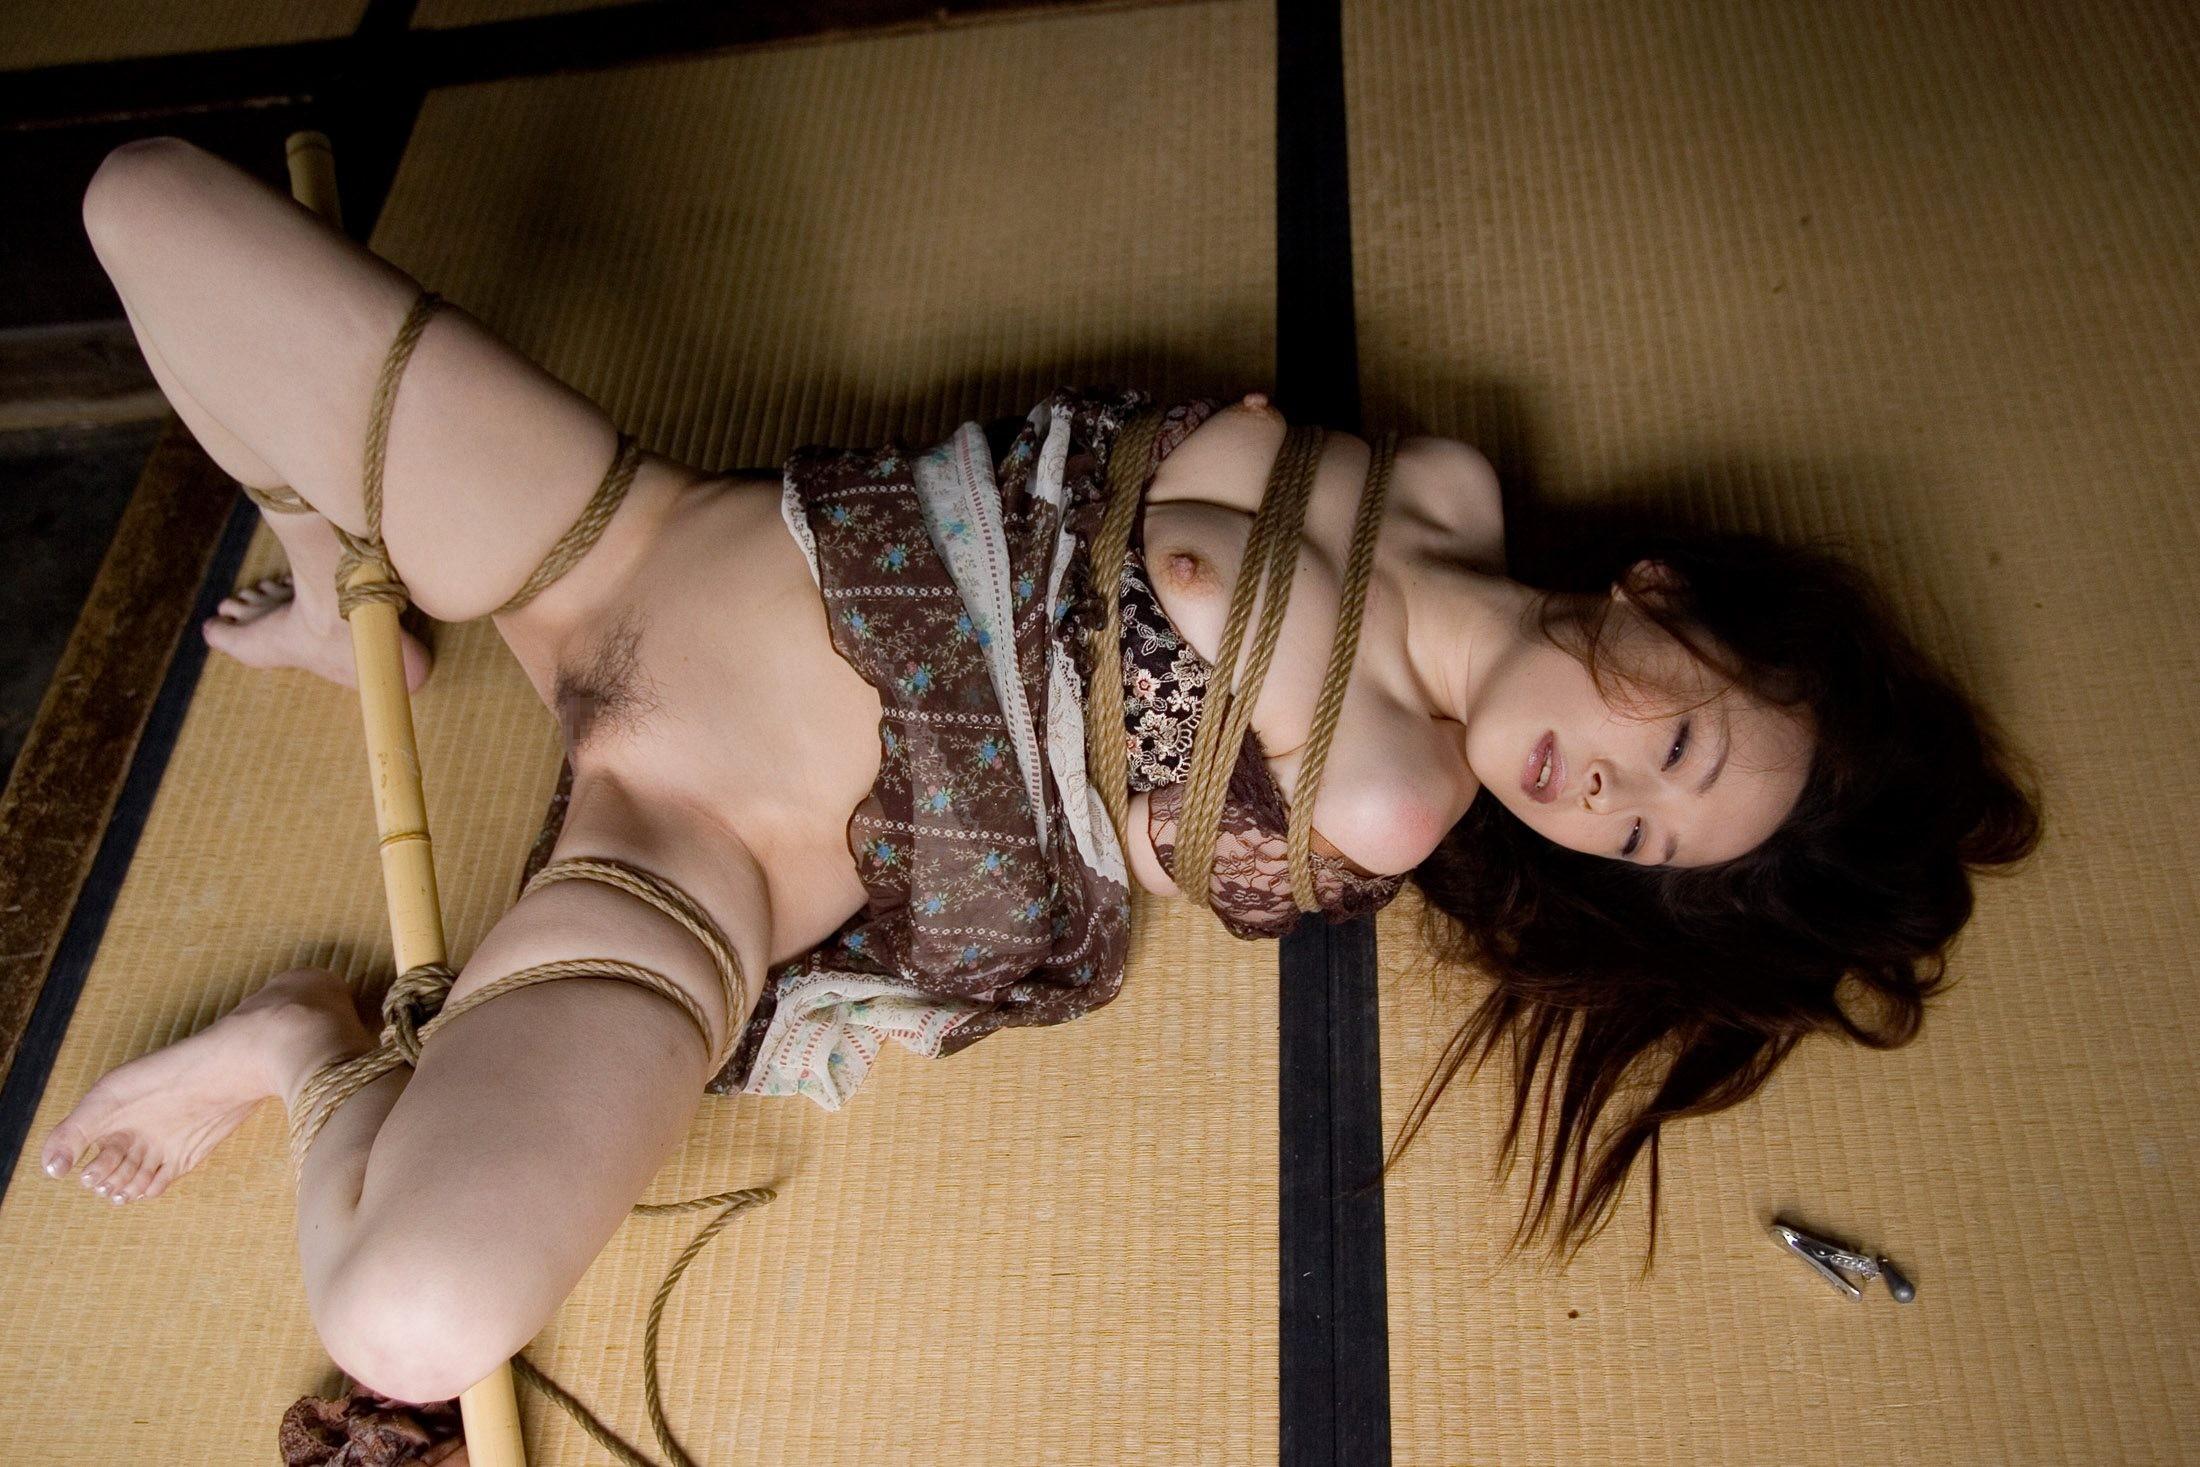 【SMエロ画像】放置はヤメテでも激しいのも苦痛…選択権はない緊縛M女www 06